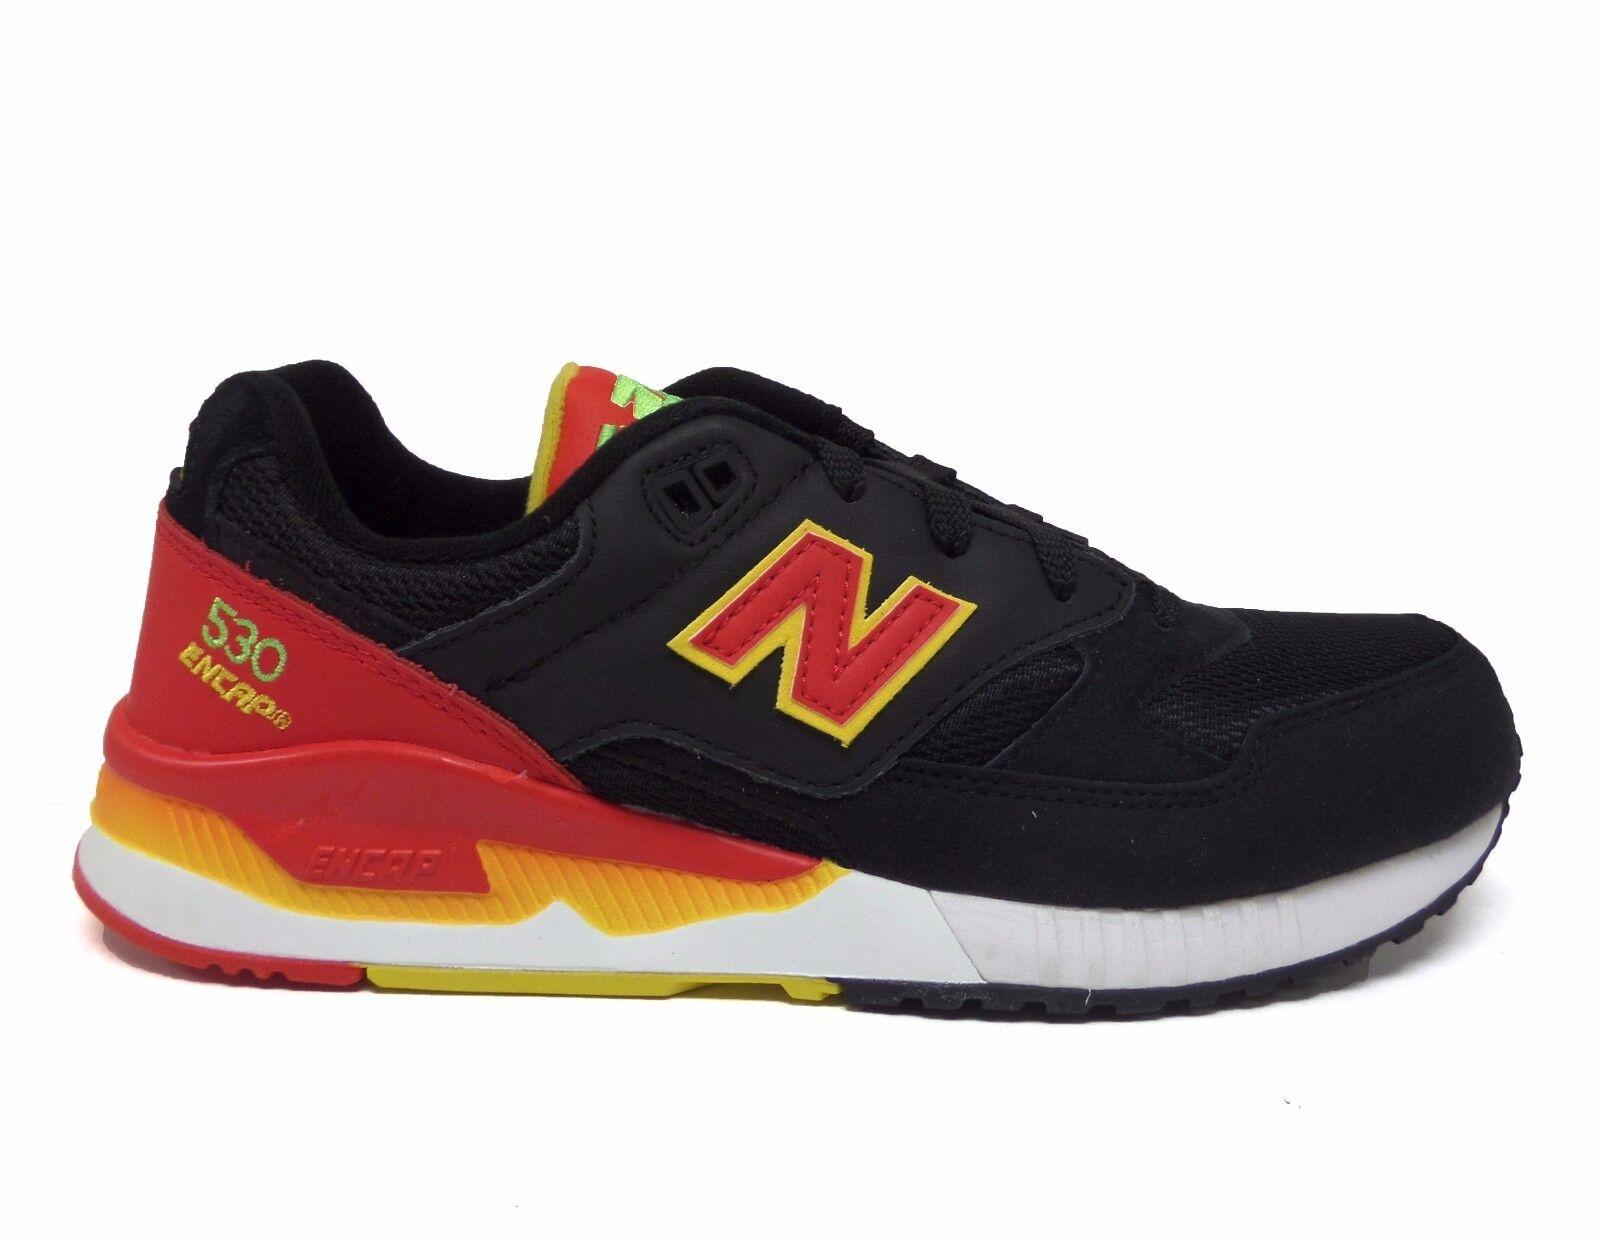 Nuovo equilibrio uomini uomini uomini 530 elite edition flipper scarpe m530pin nero / rosso 65e82c